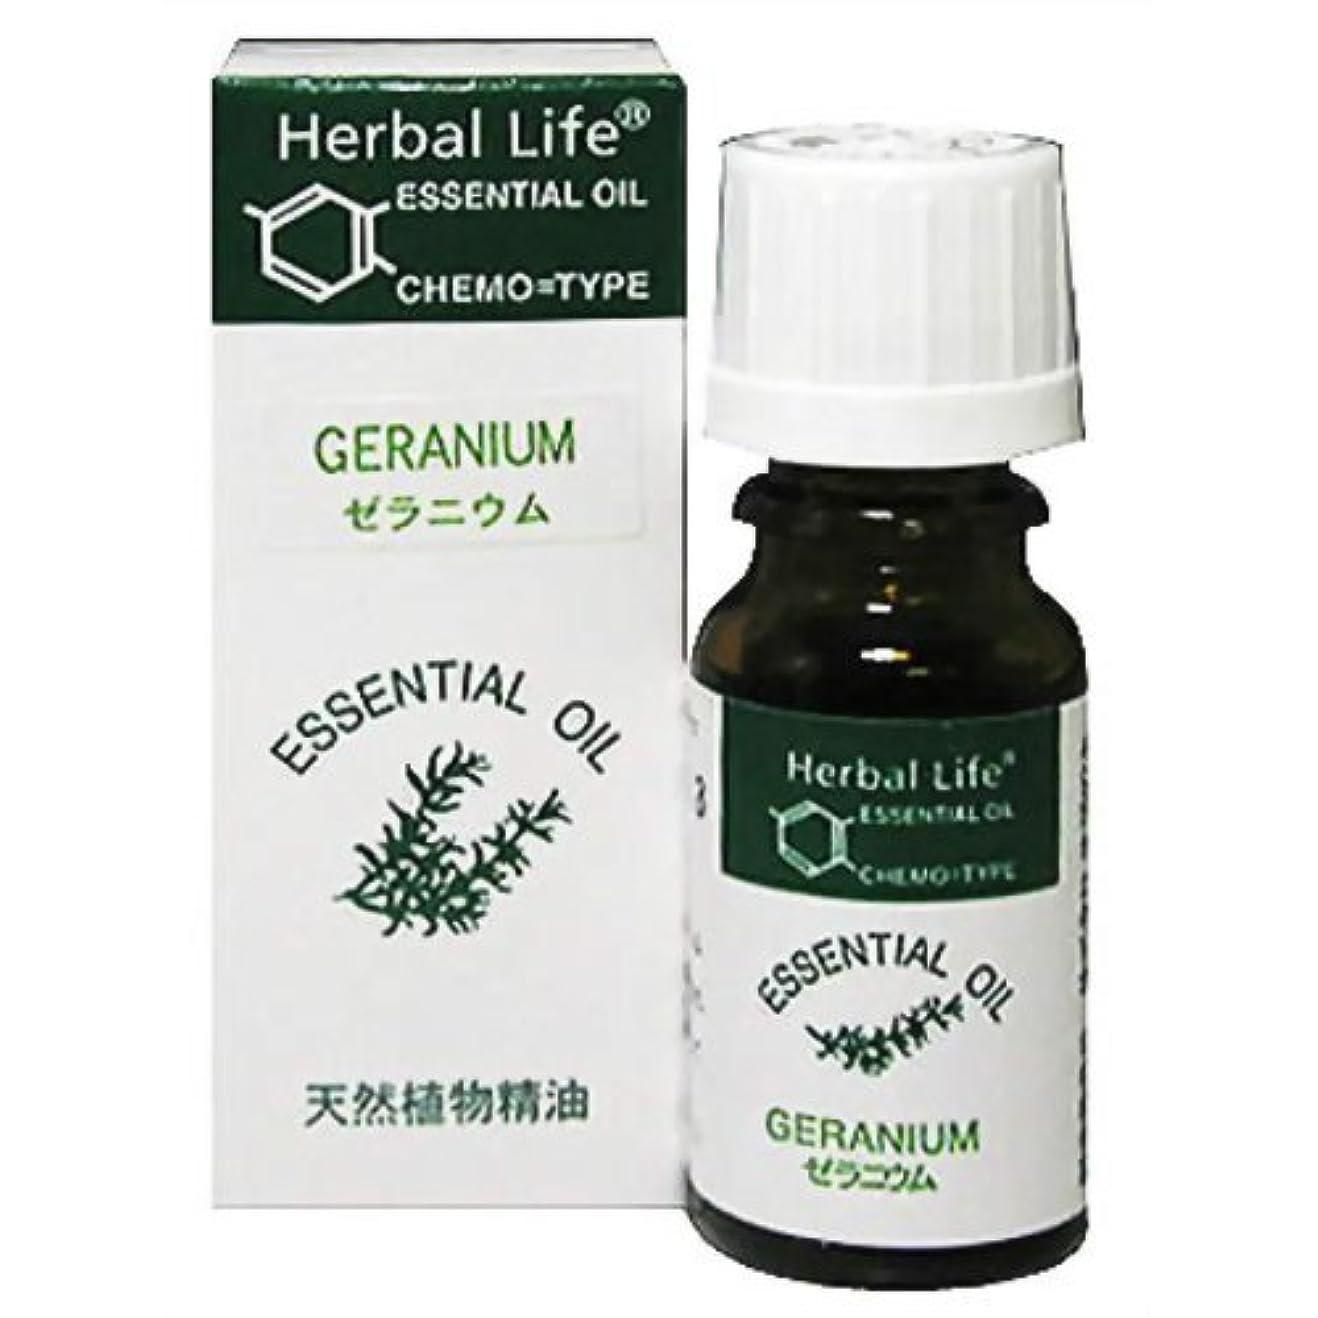 勧める貸し手研磨剤Herbal Life ゼラニウム 10ml